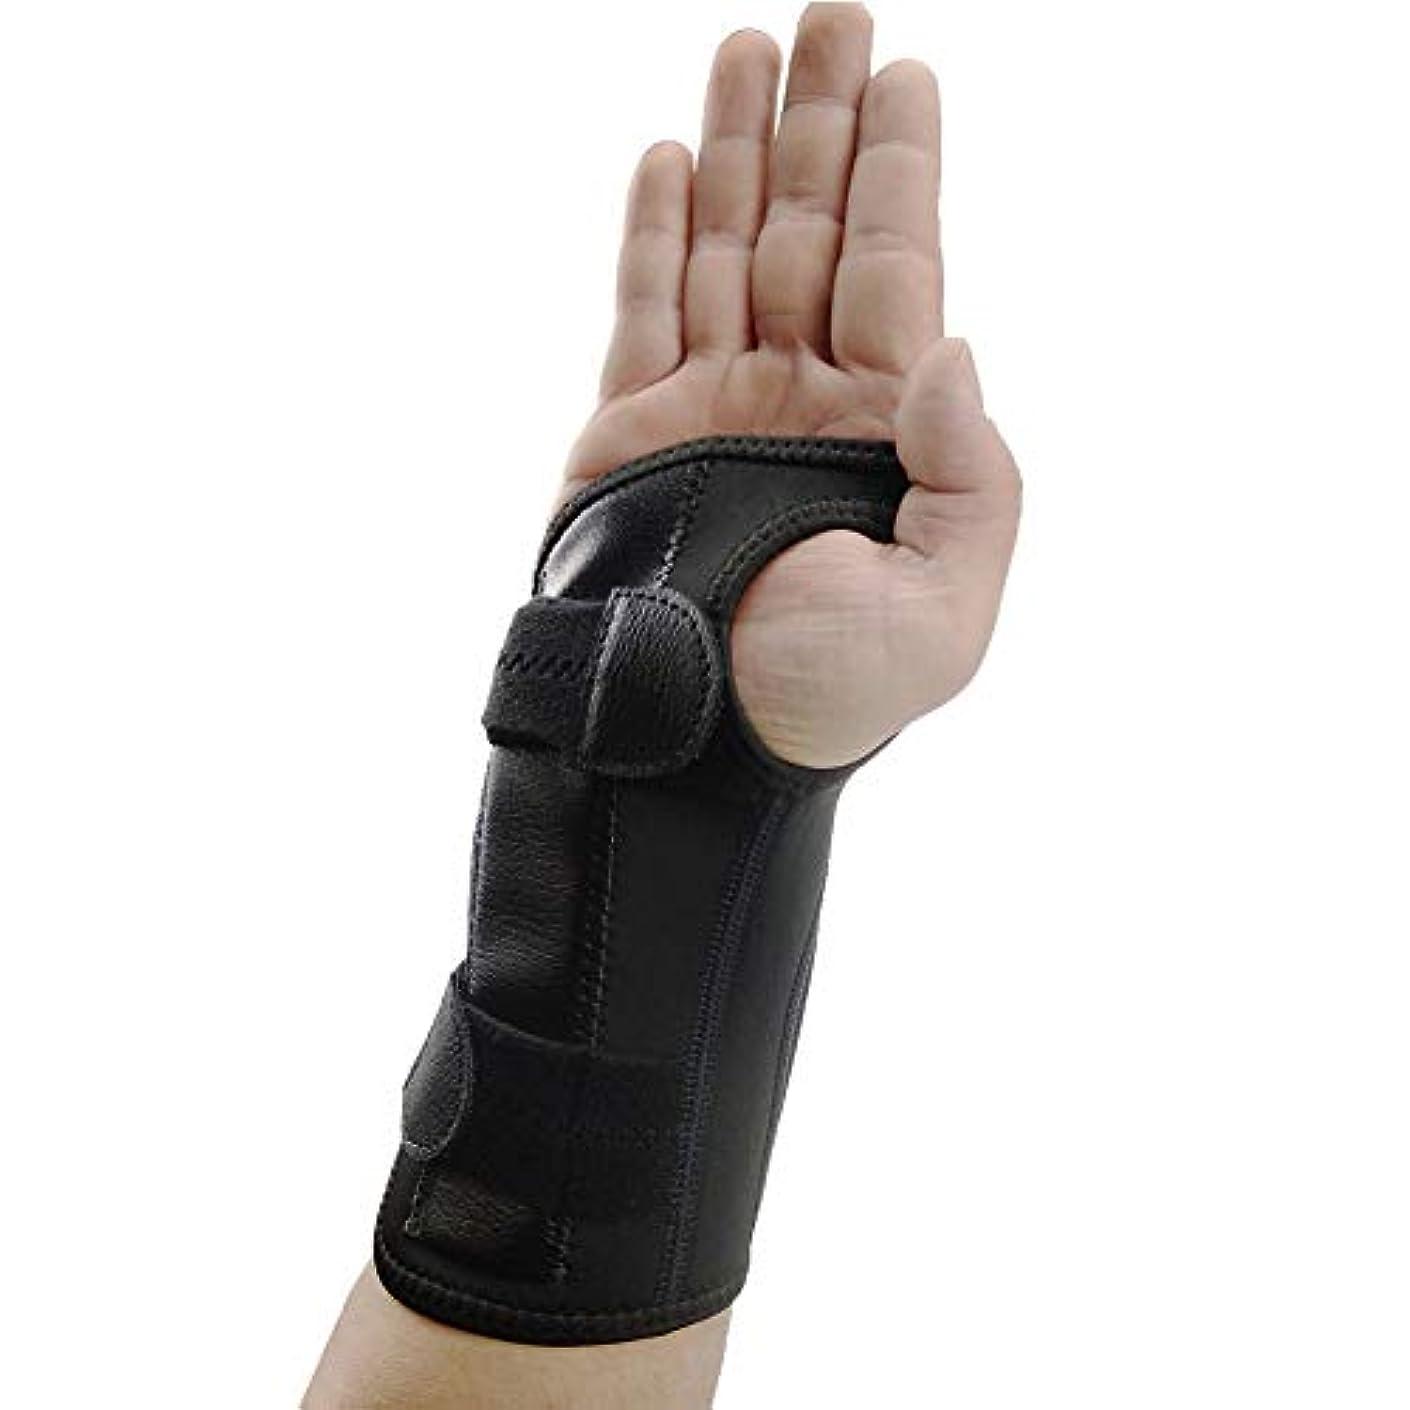 畝間テクトニック姪腱炎、関節炎、捻挫&破壊前腕サポートキャストのための手首の親指スプリント、スタビライザーのための親指のスプリントと手首ブレース